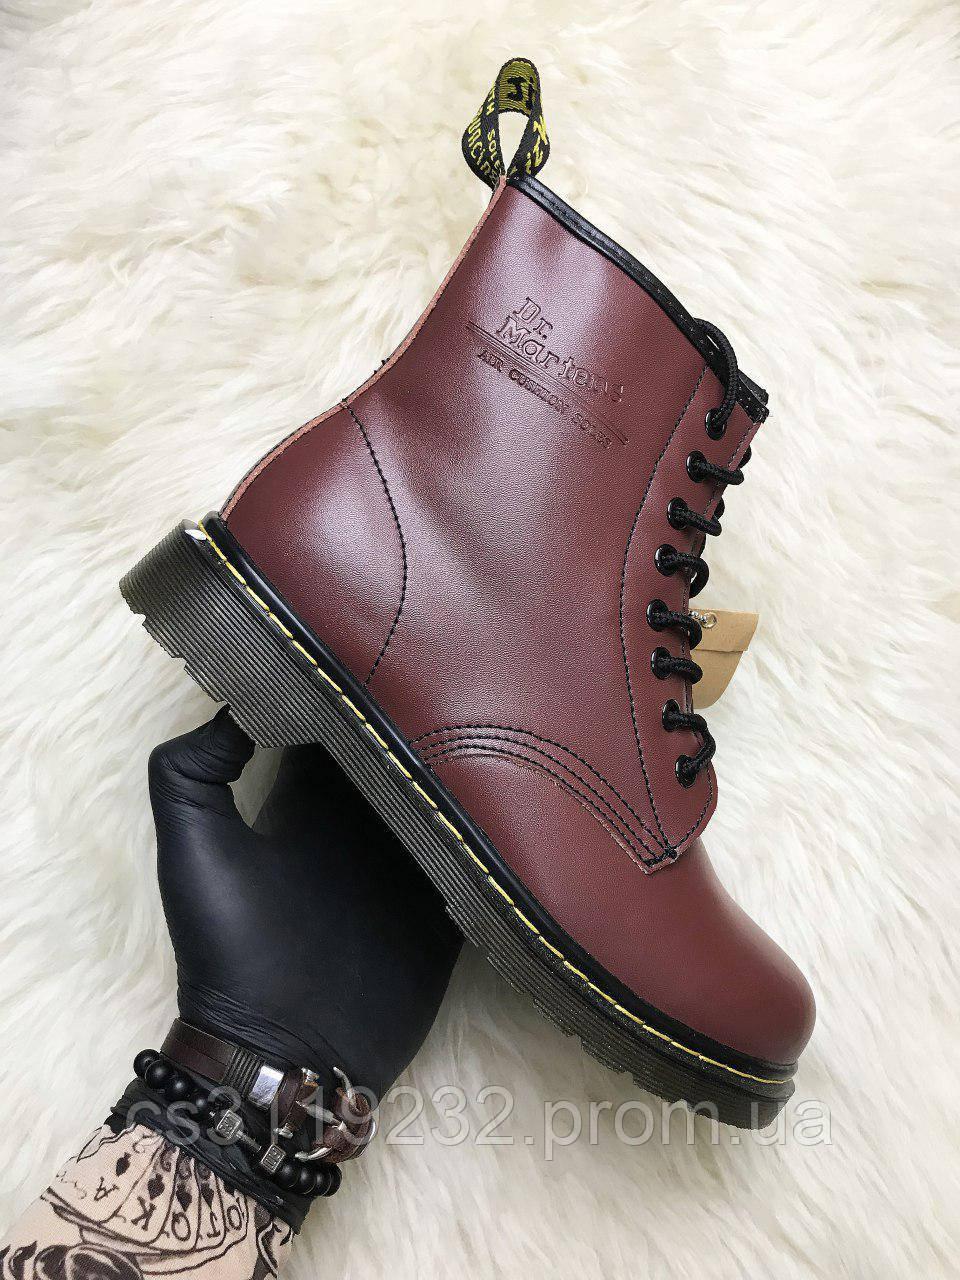 Мужские ботинки Dr Martens 1460 Cherry демисезонные (бардовый)